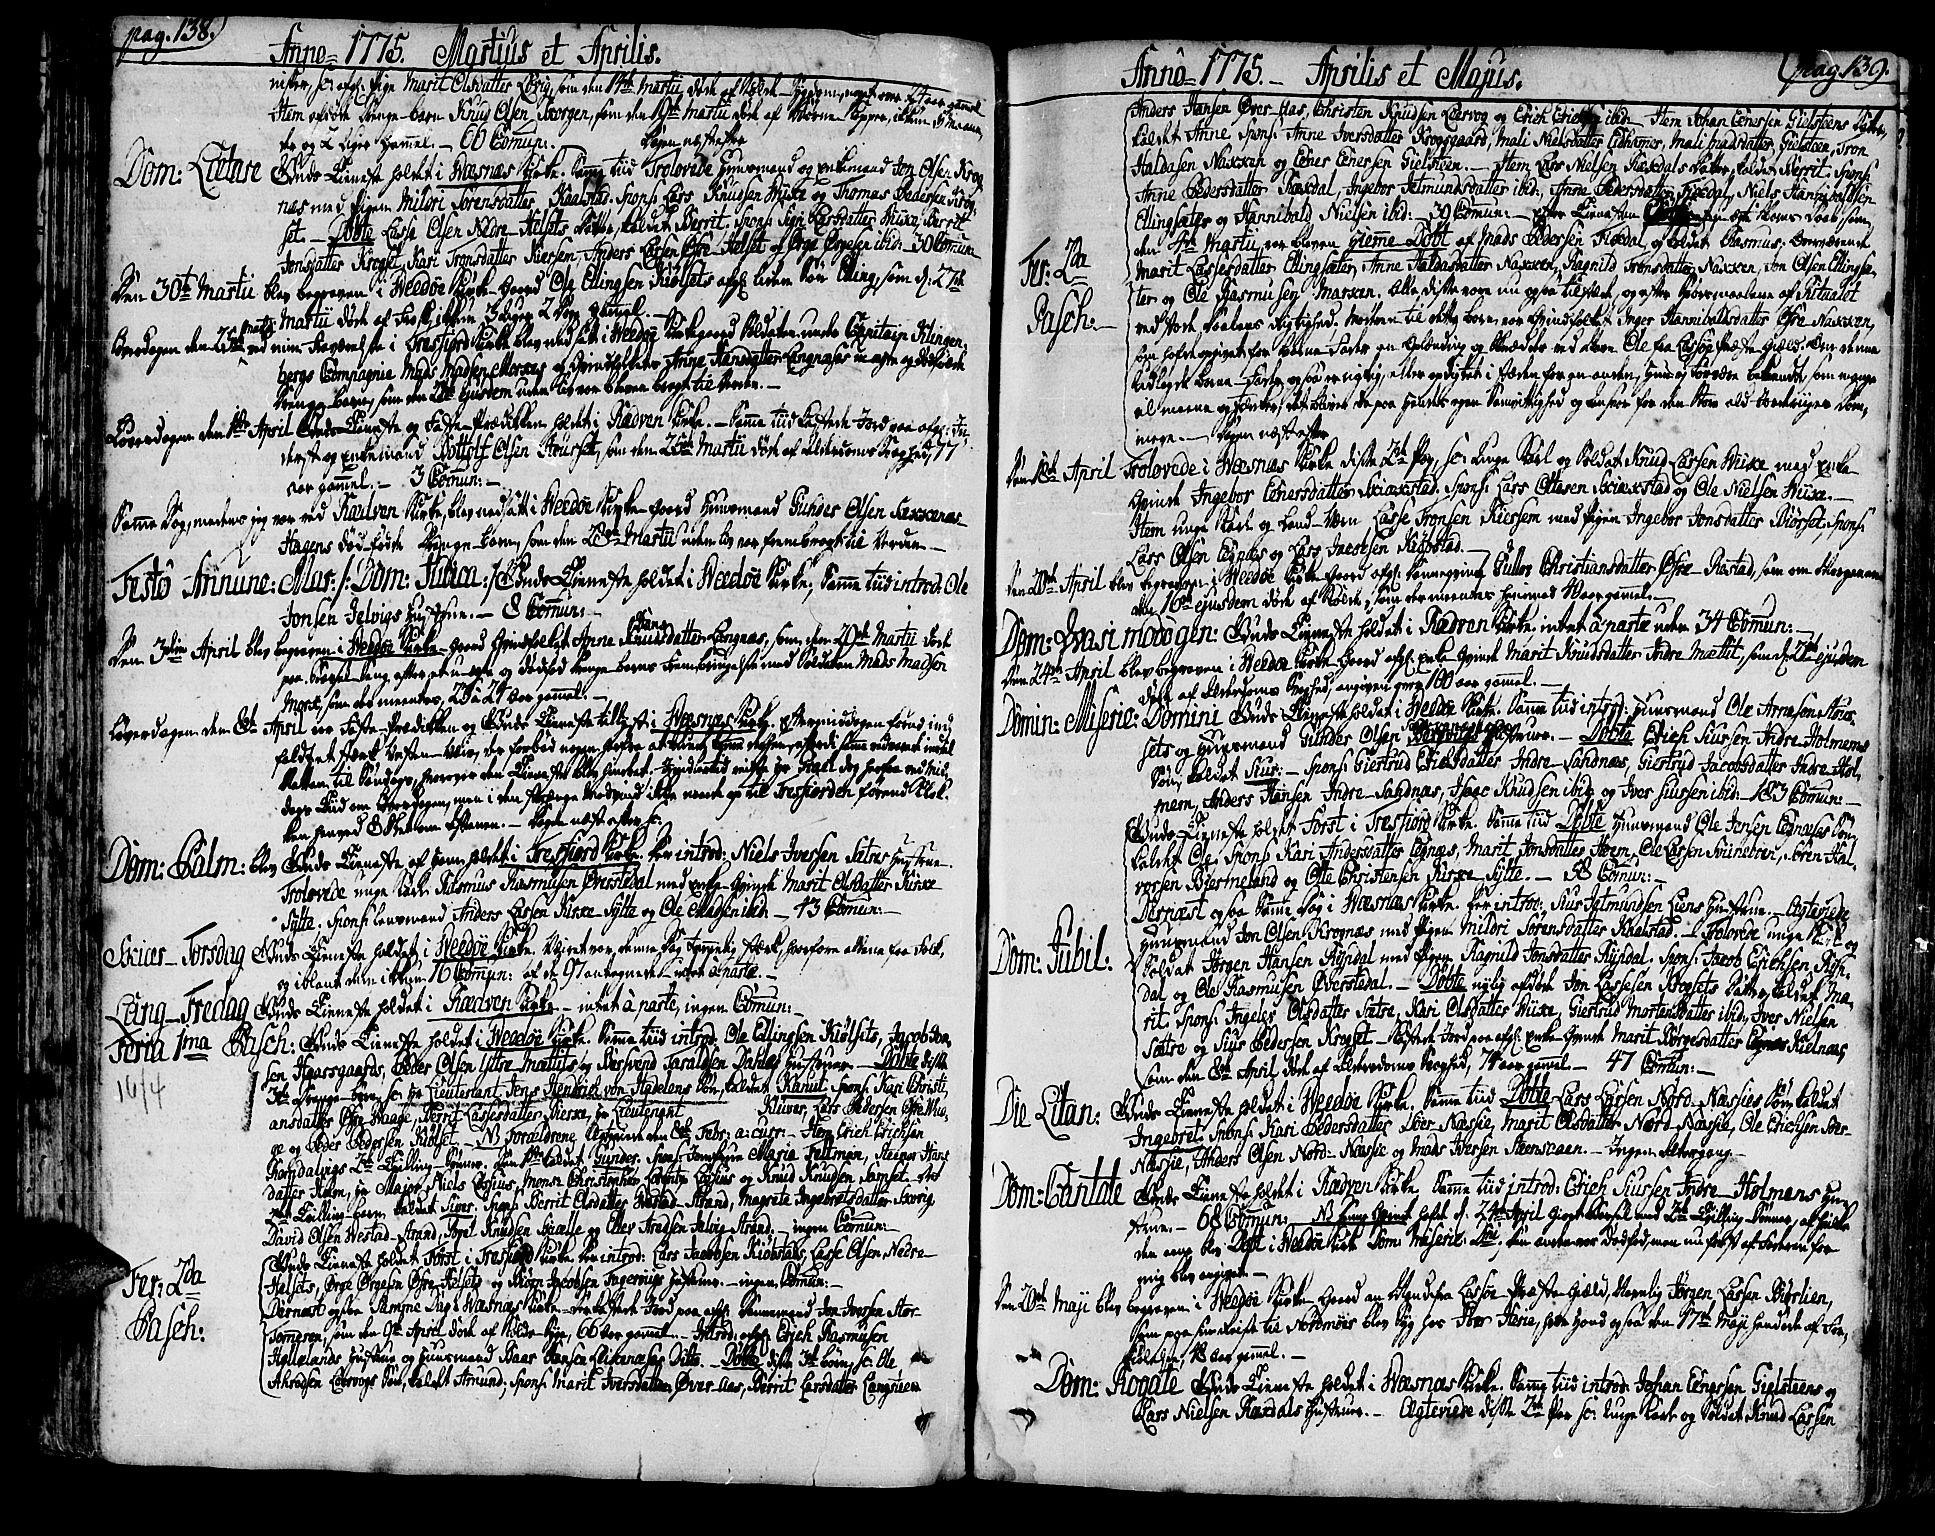 SAT, Ministerialprotokoller, klokkerbøker og fødselsregistre - Møre og Romsdal, 547/L0600: Ministerialbok nr. 547A02, 1765-1799, s. 138-139